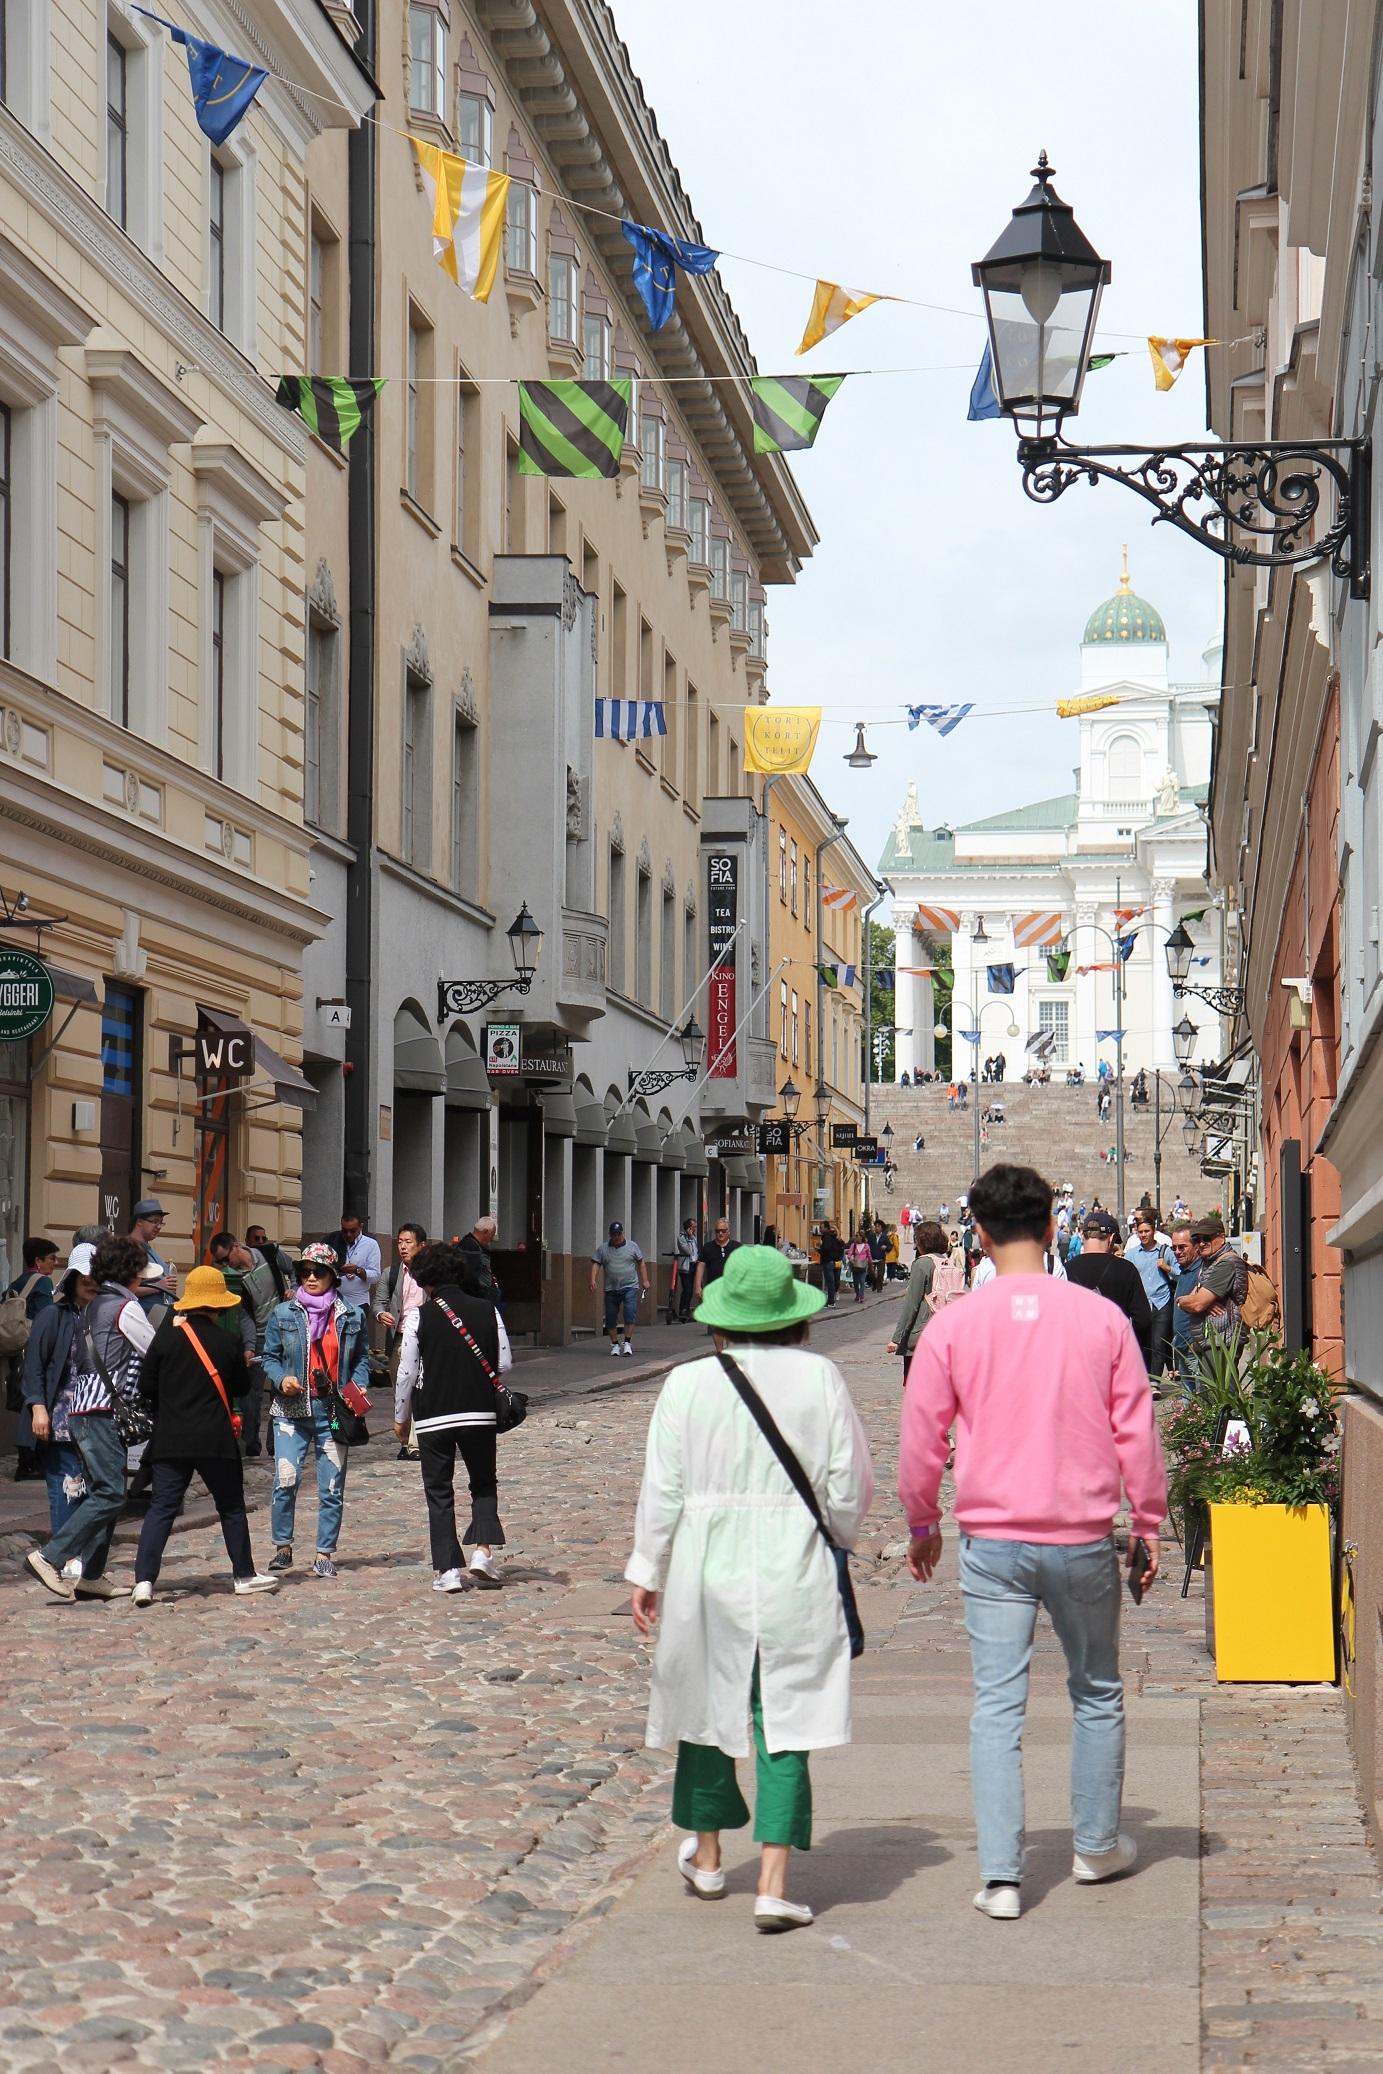 Kesäisen vehreä Helsinki on kaunis